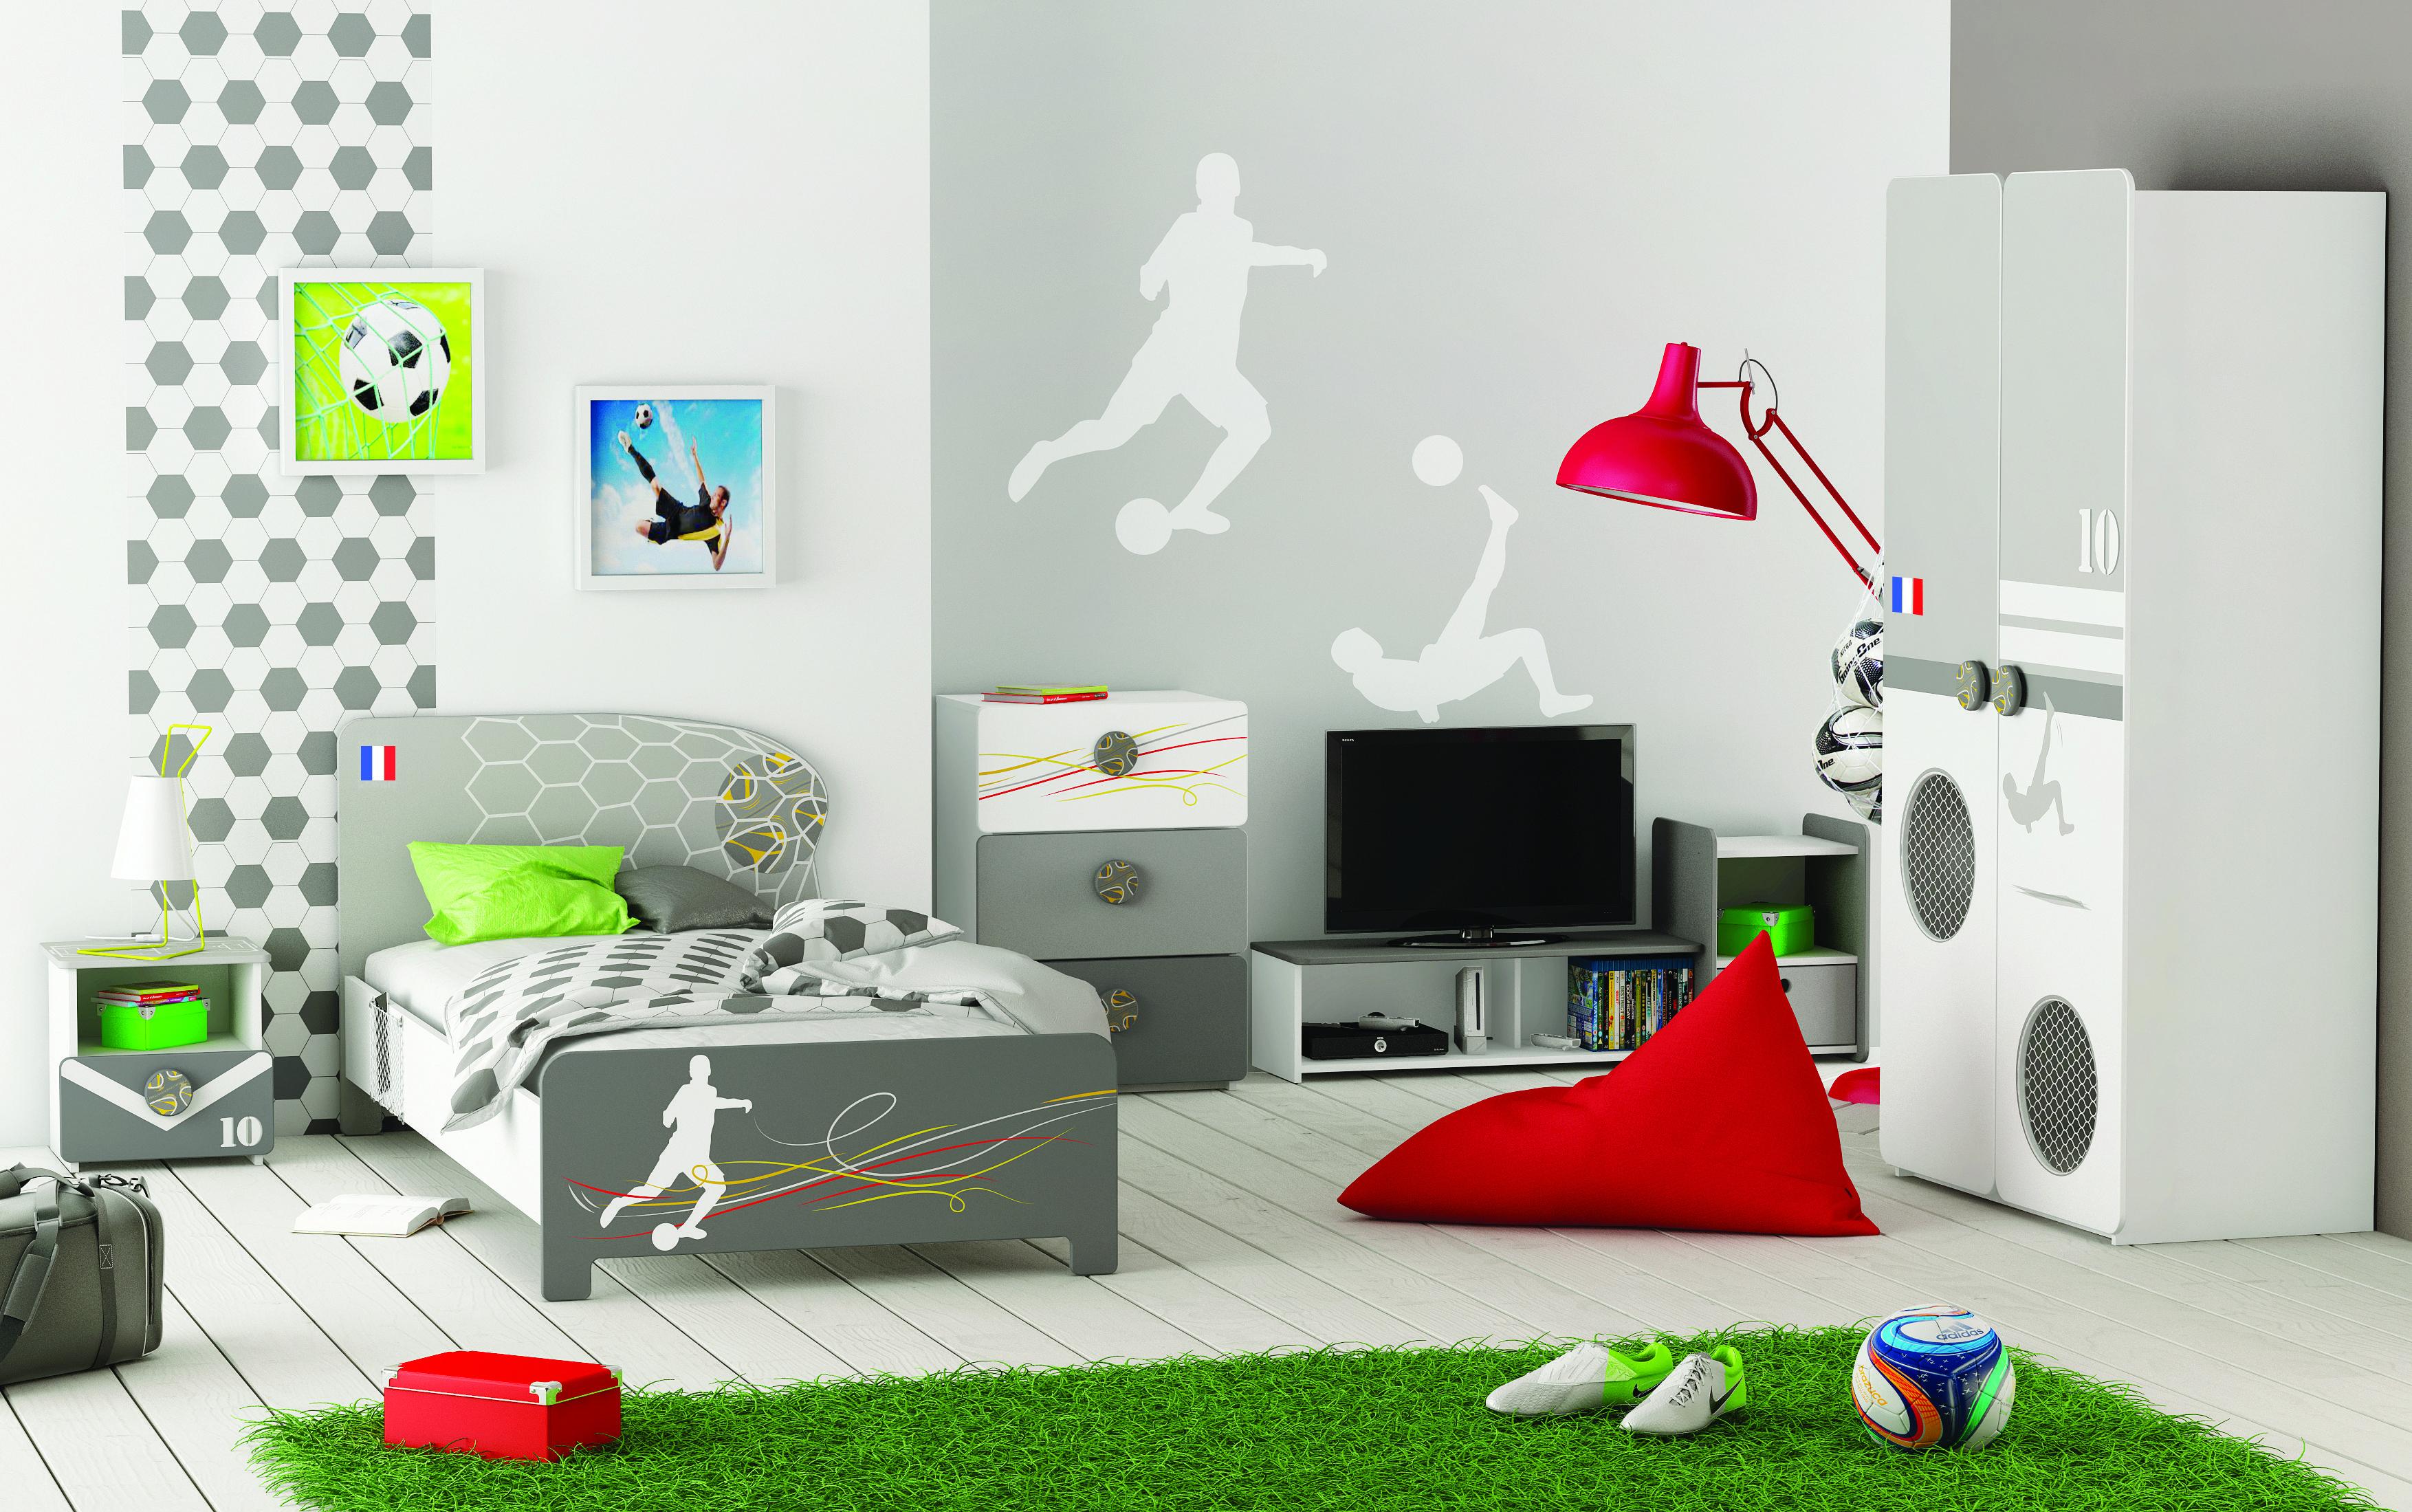 Chambre FOOTY, ambiance foot, gris noir et vert - BUT  Décoration